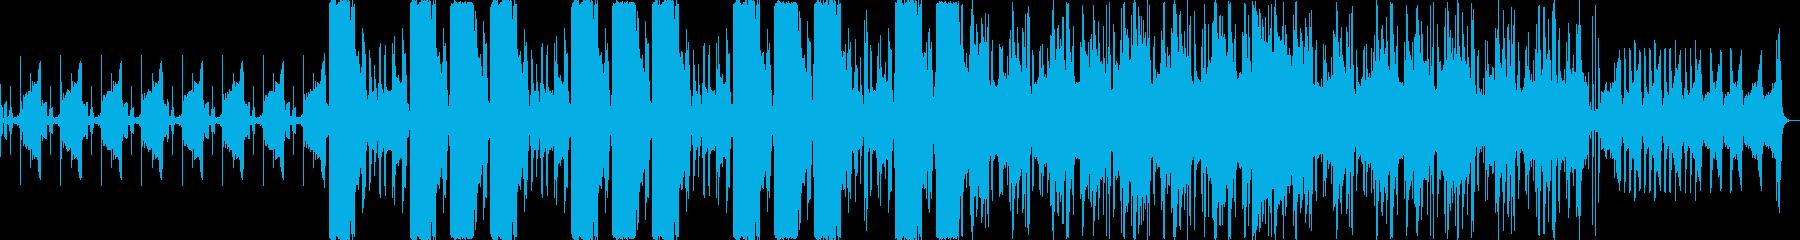 幻想的なエレクトロニカの再生済みの波形